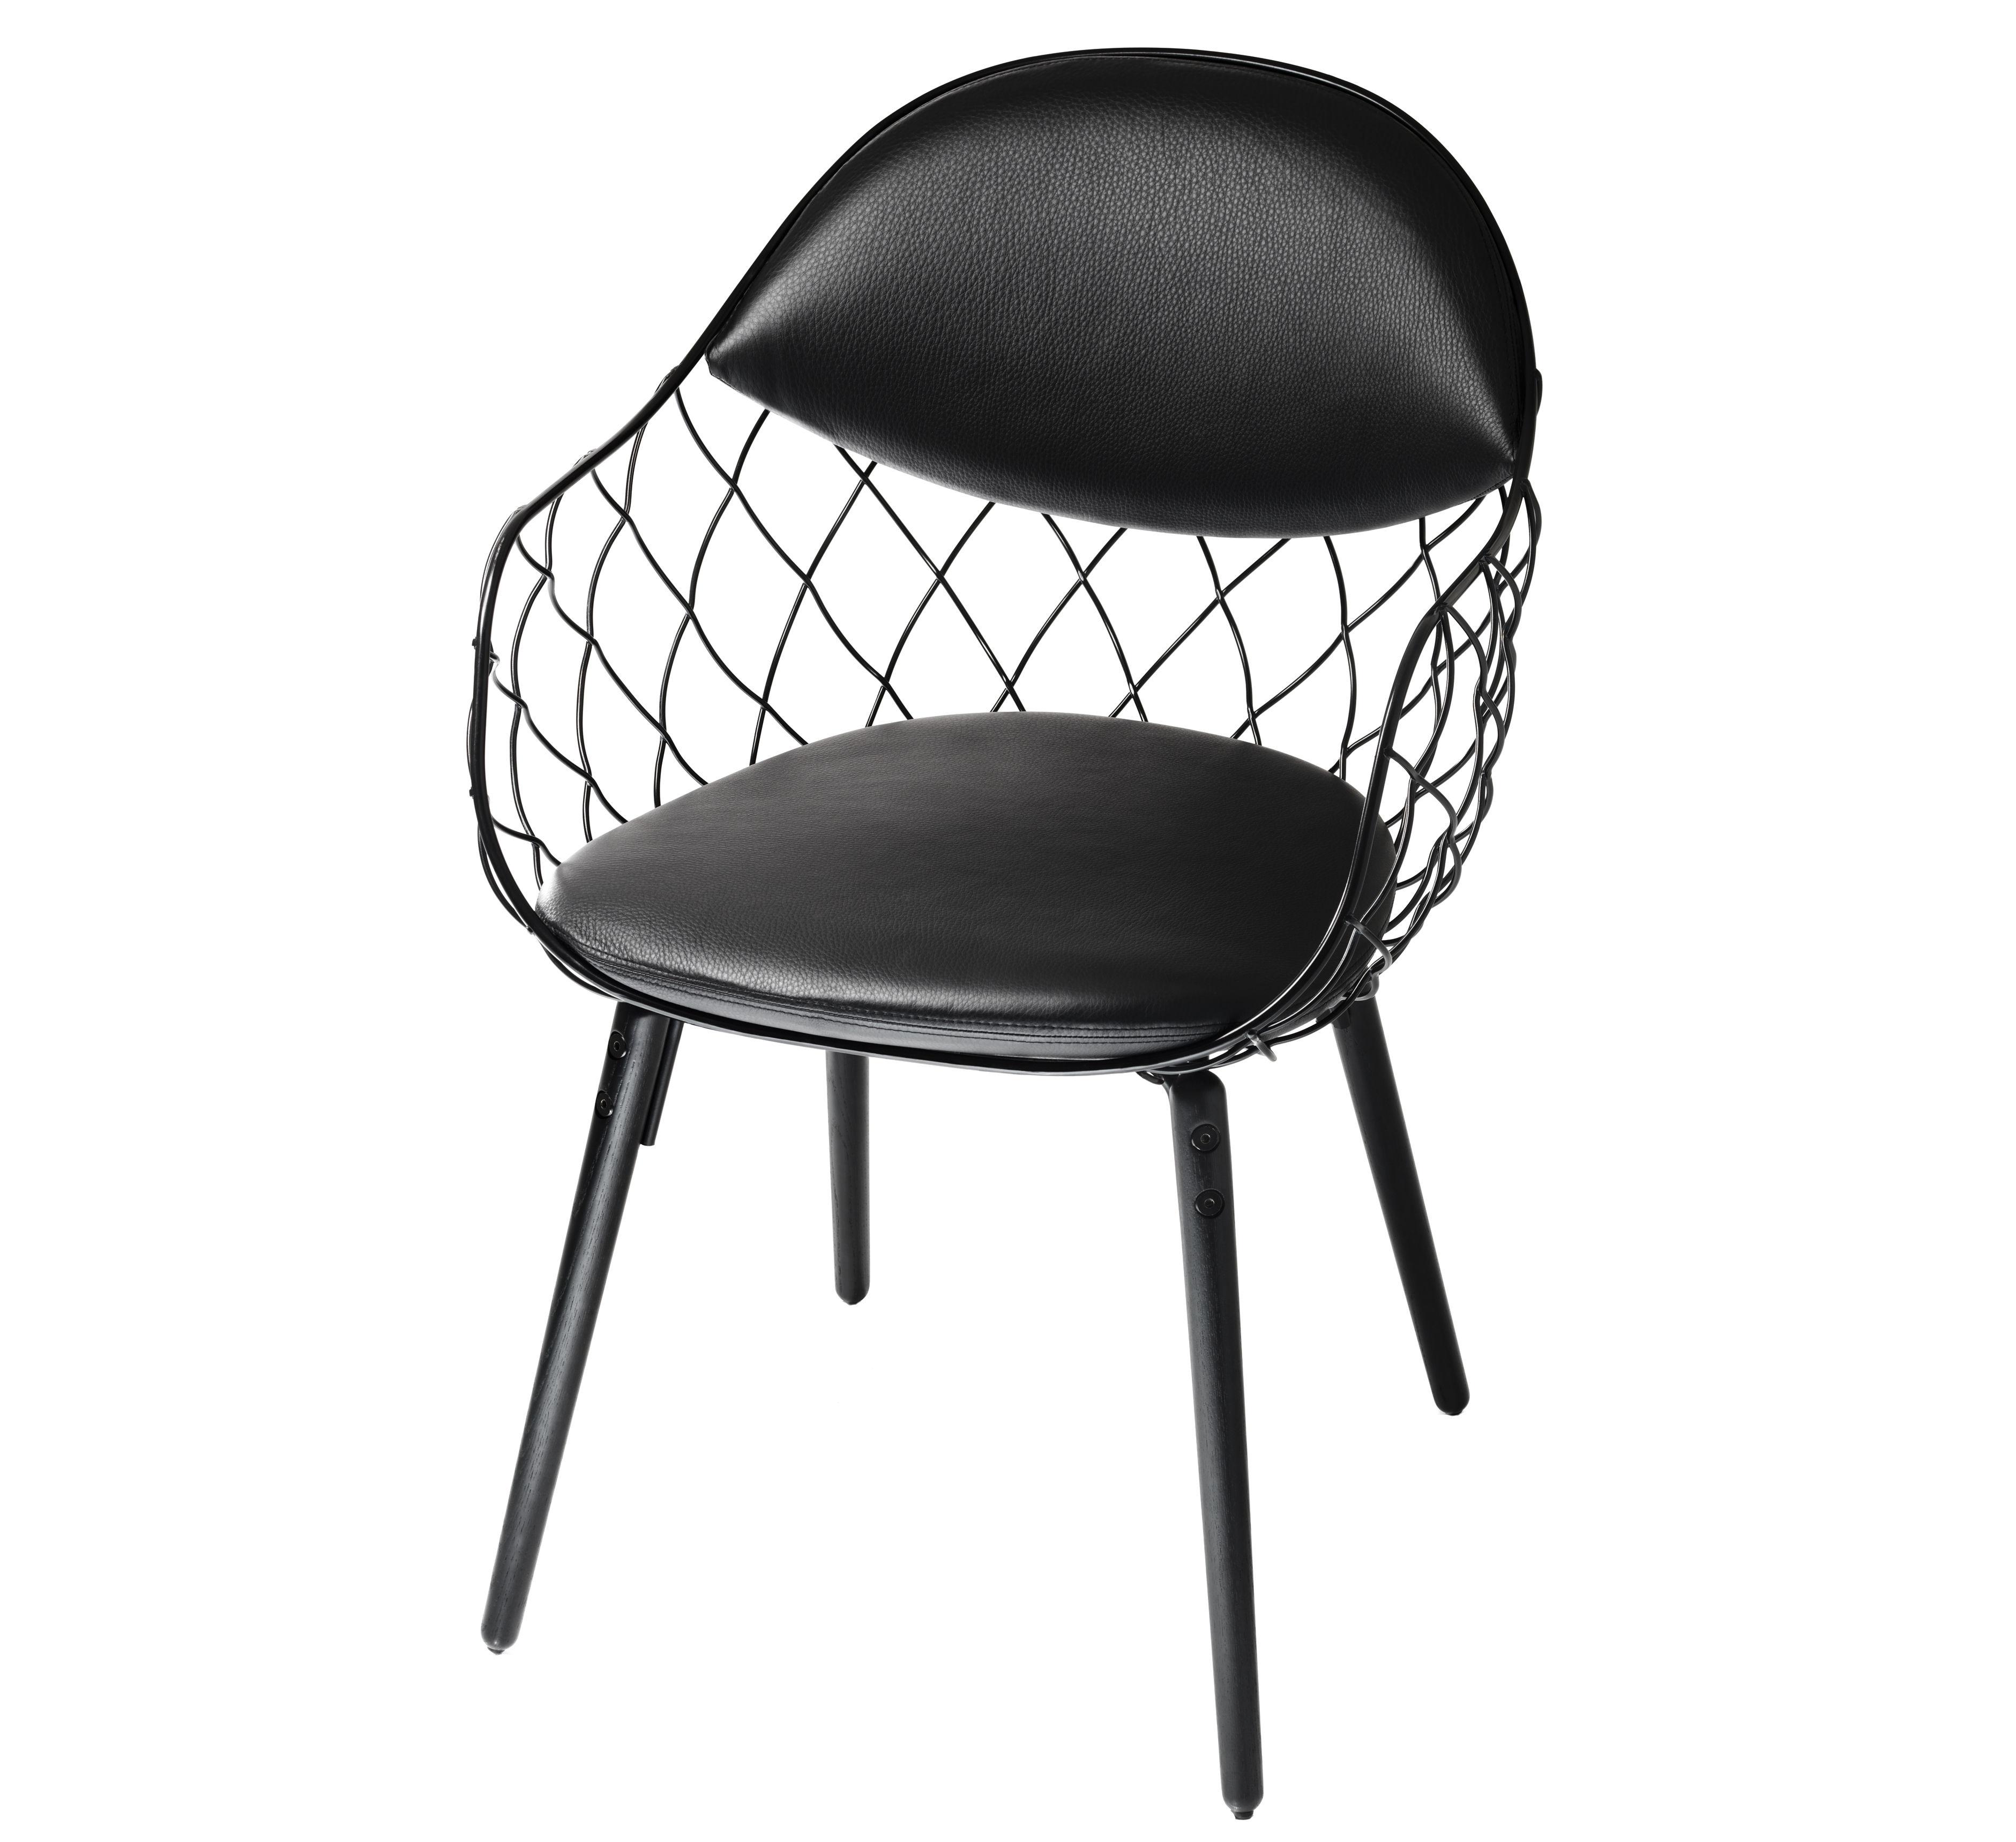 Möbel - Stühle  - Pina Gepolsterter Sessel mit Lederbezug - Magis - Lederbezug schwarz / Füße schwarz - gefirnister Stahl, getönte Esche, Leder